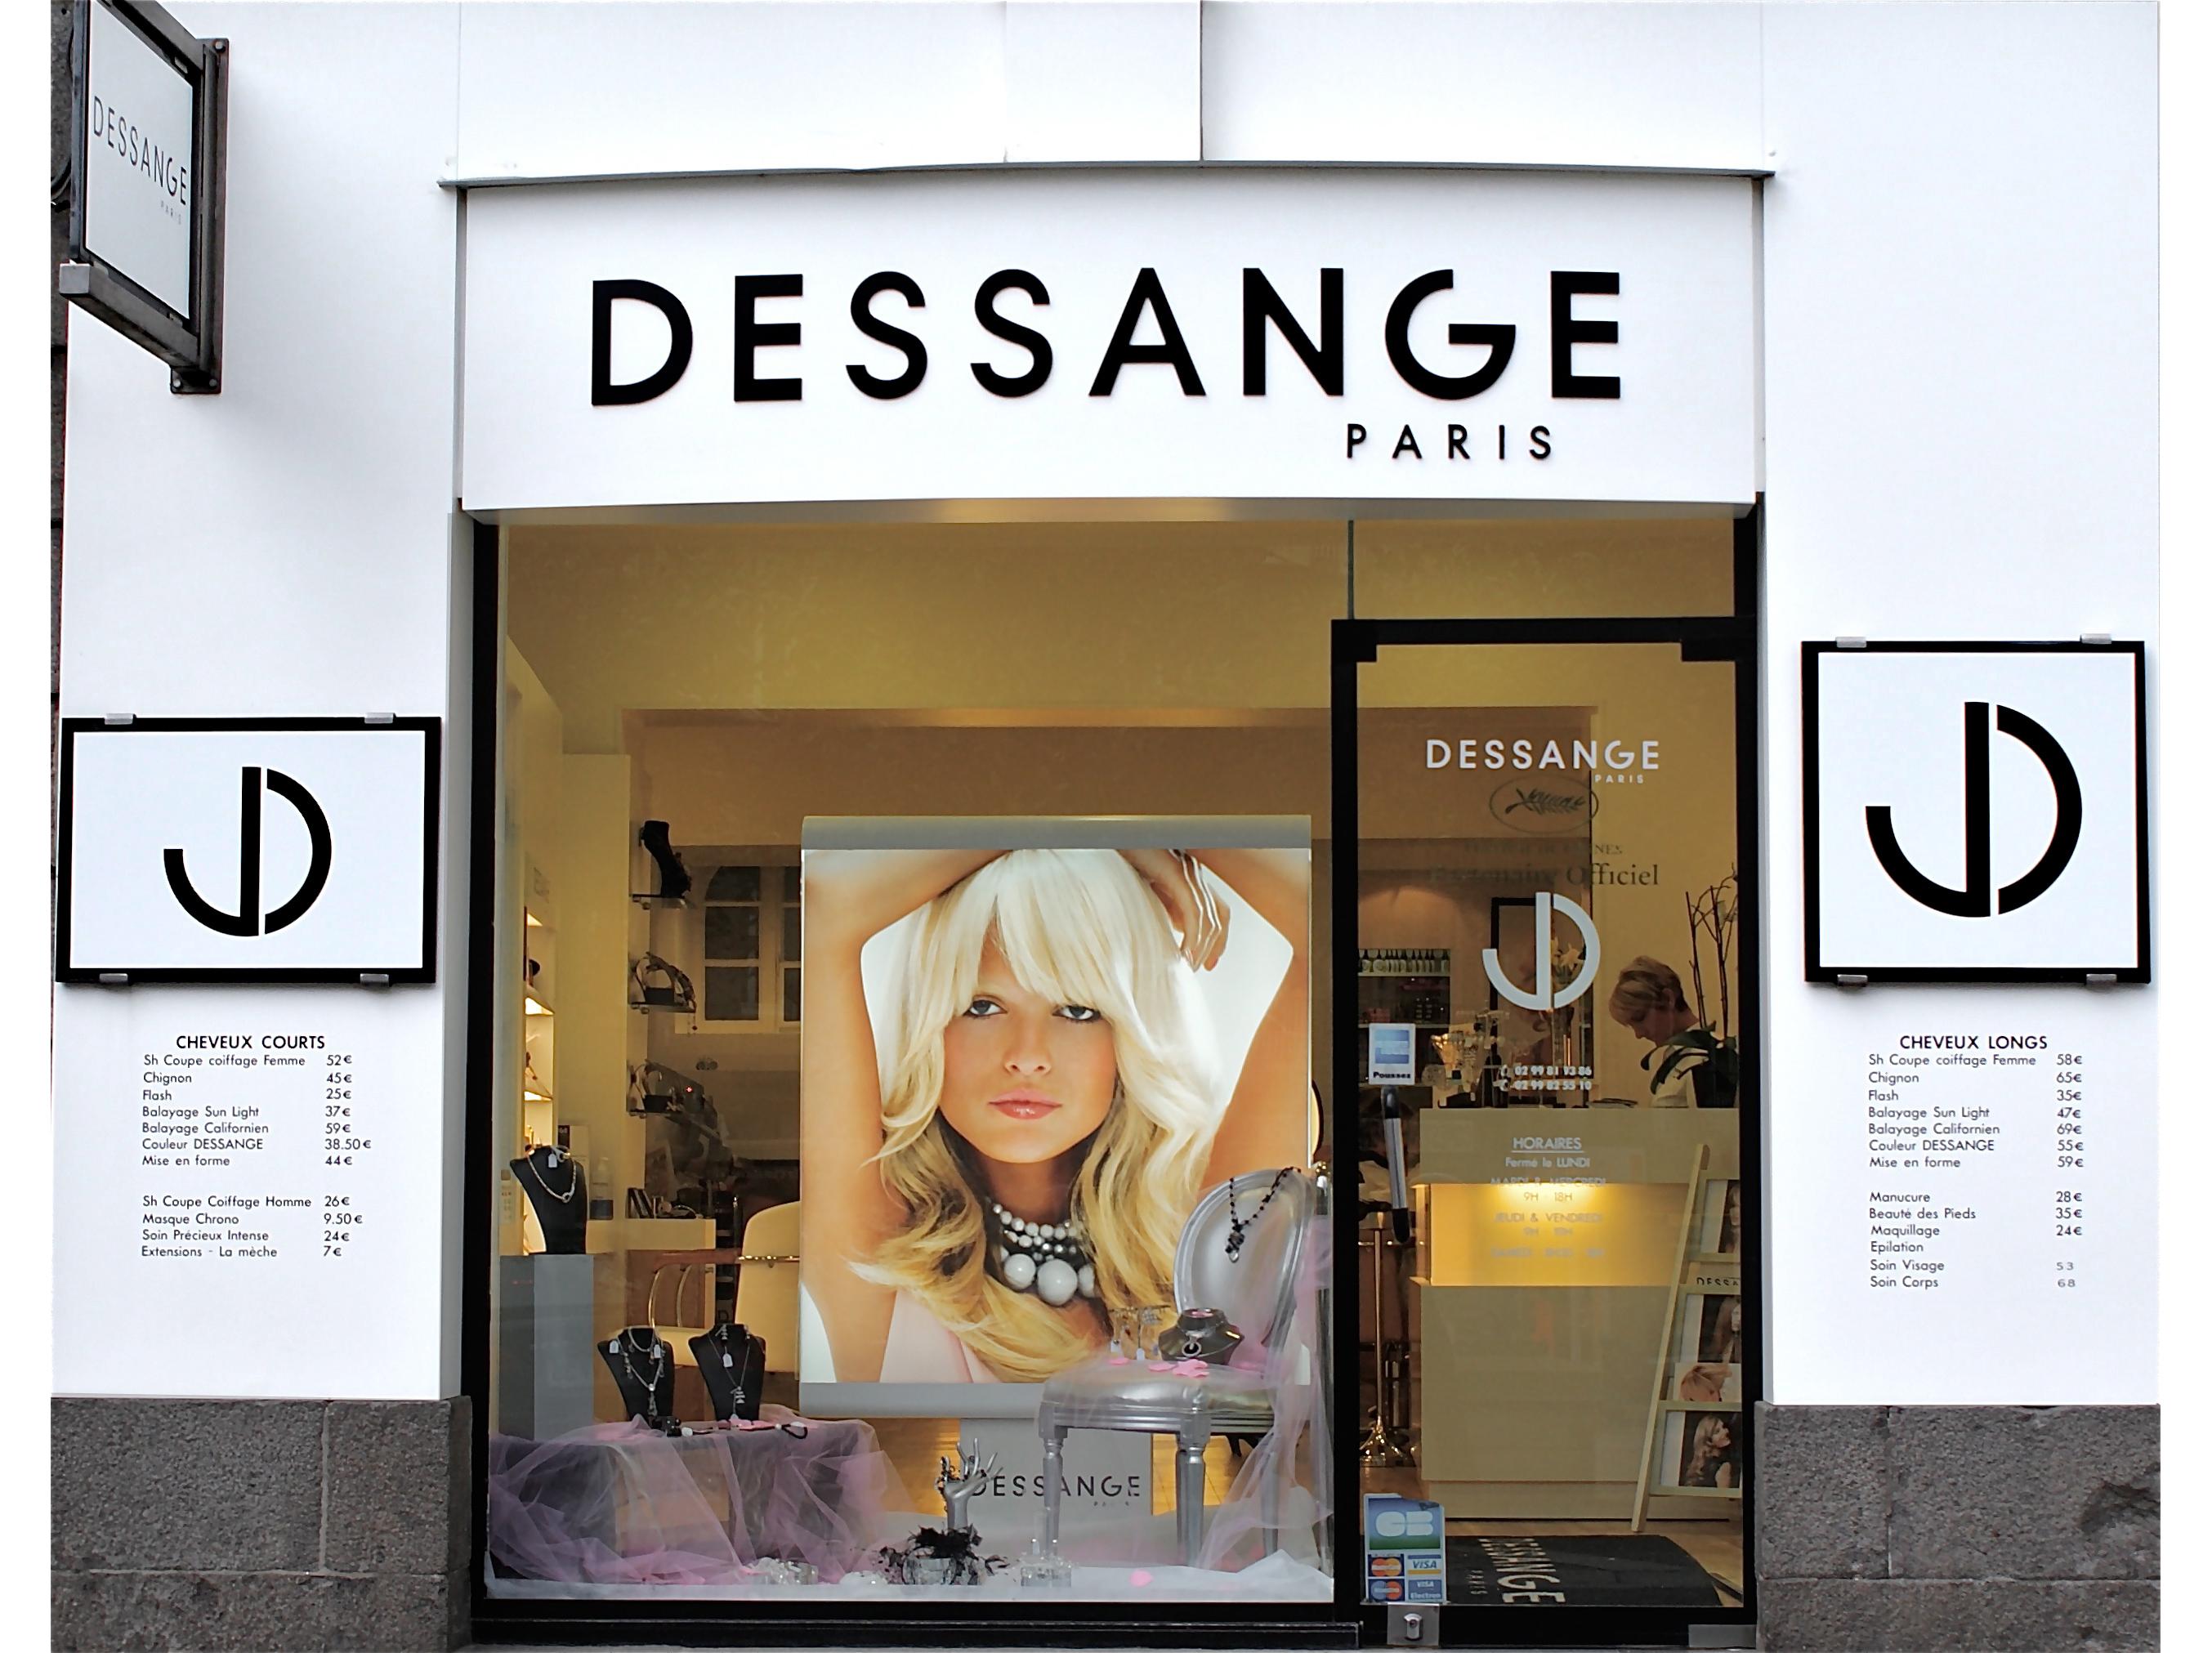 Dessange coiffeur for Dessange salon de coiffure